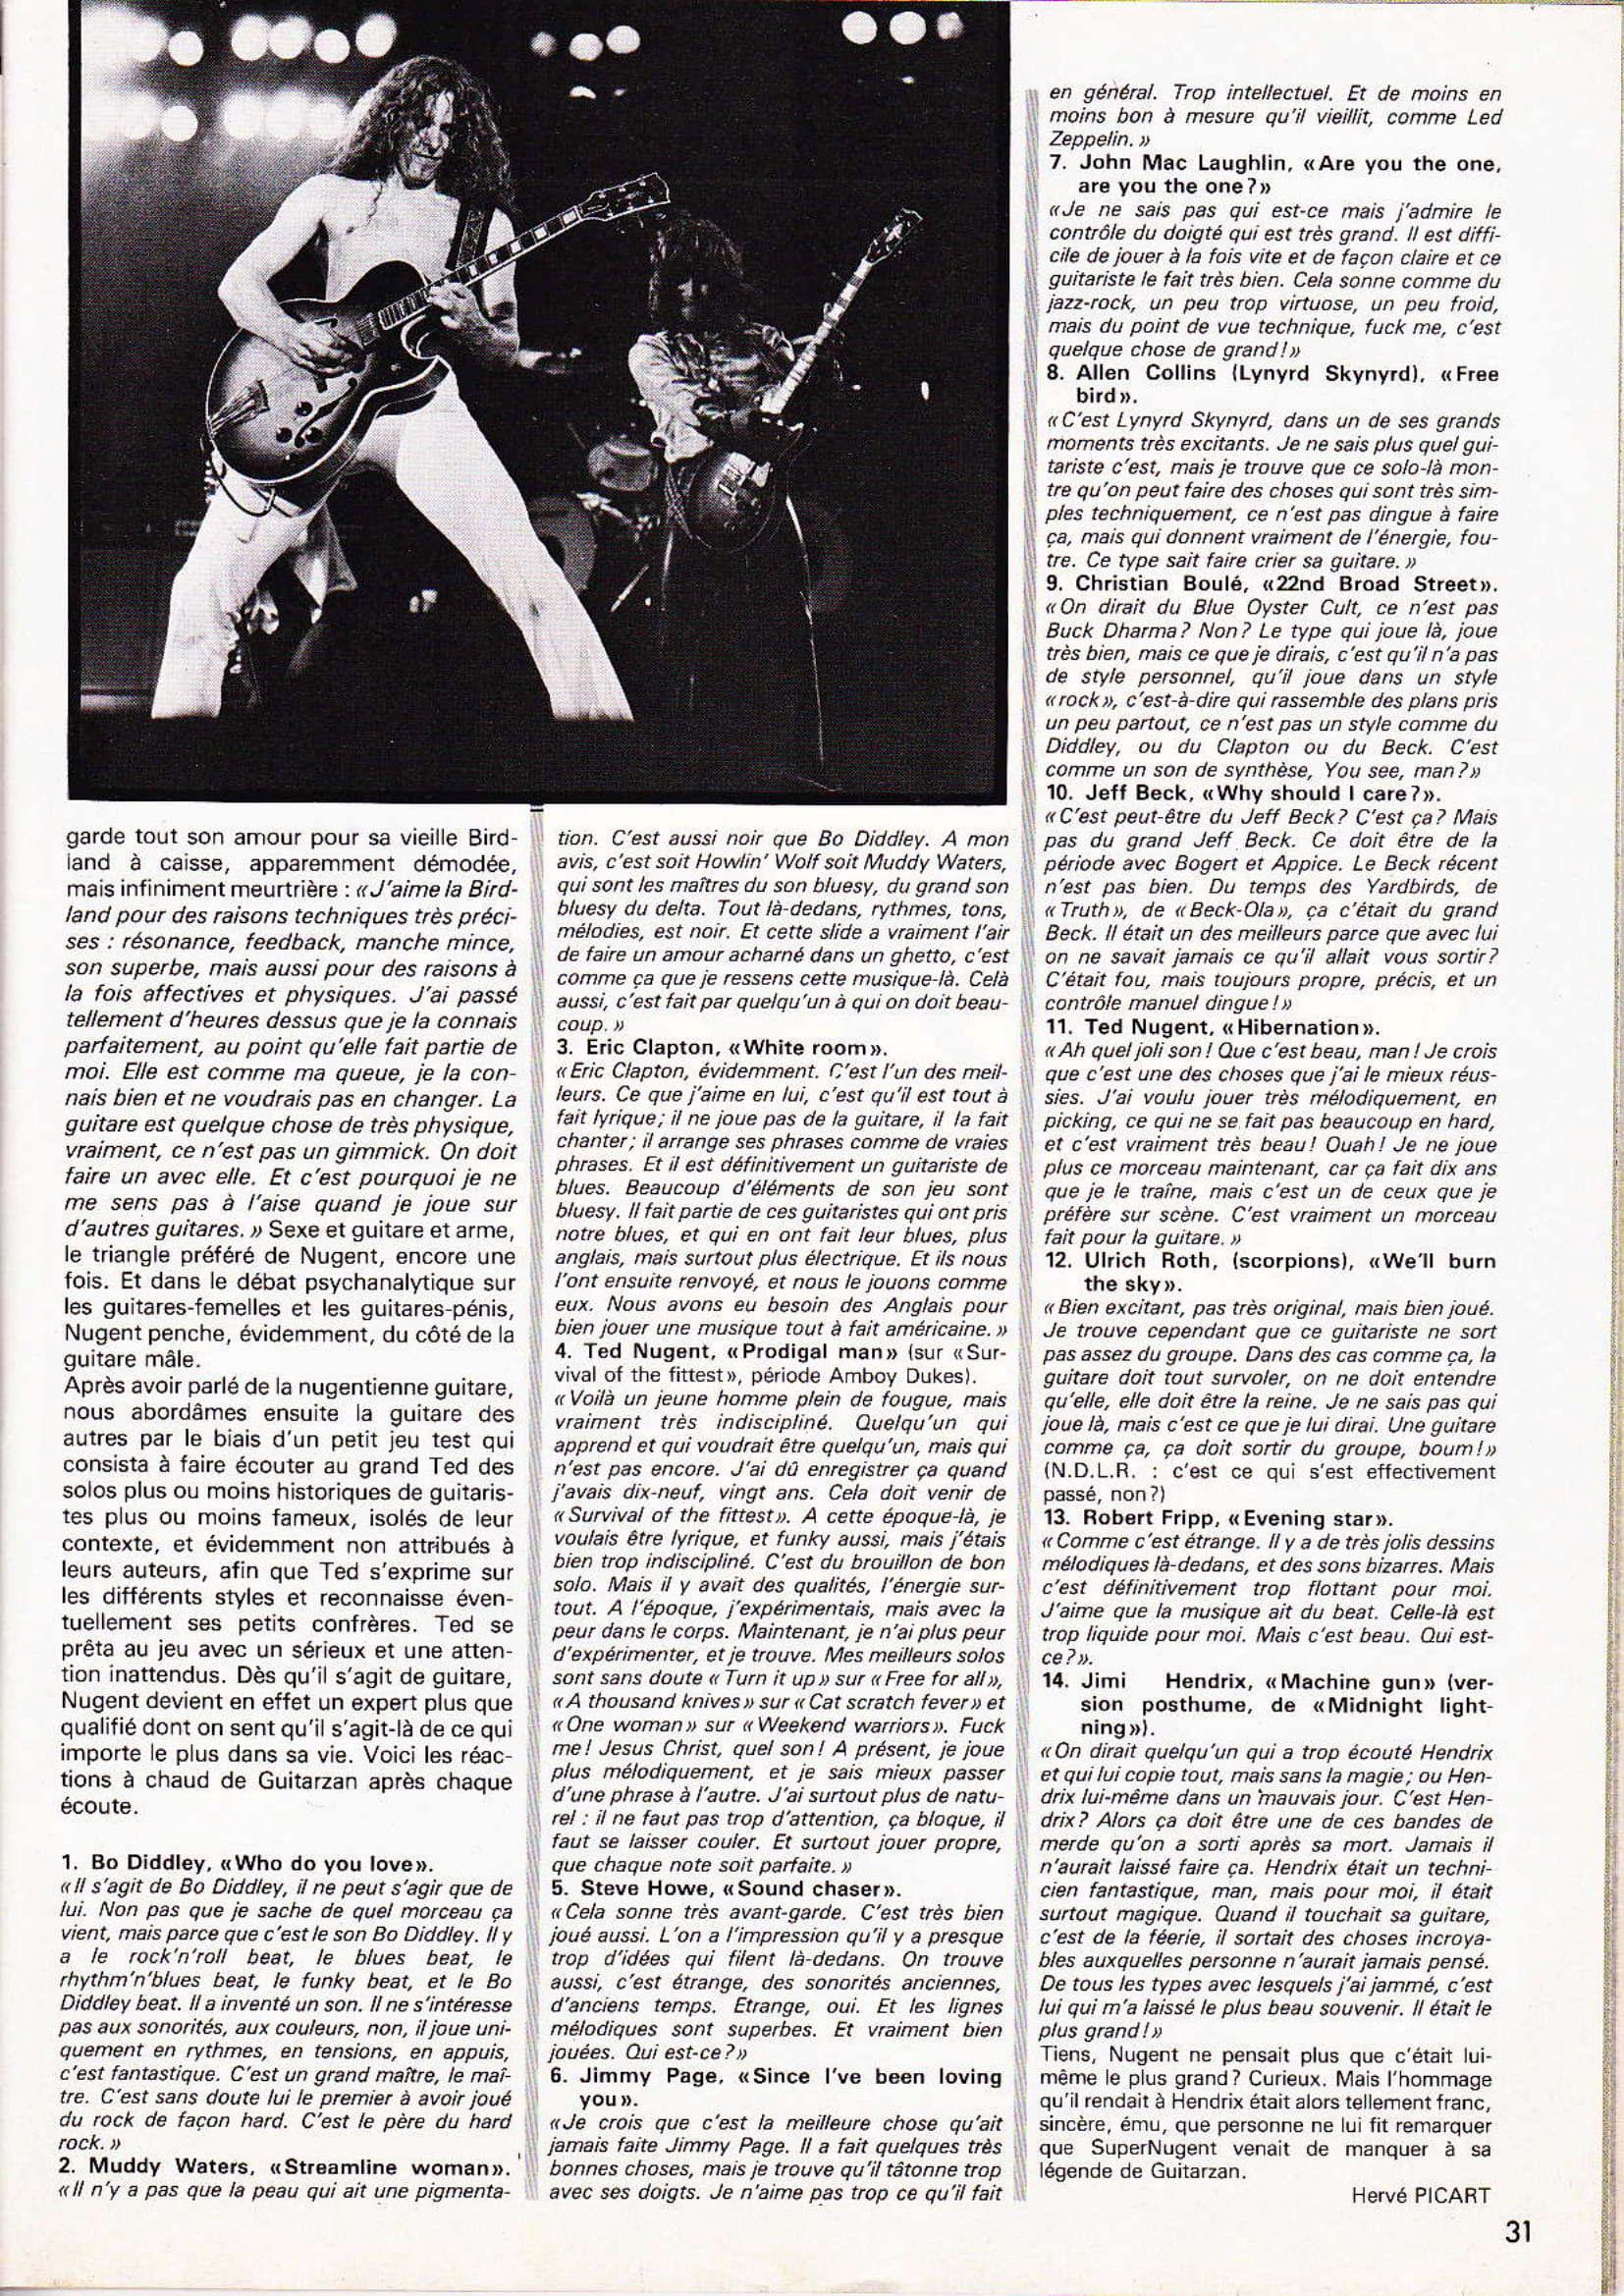 TED NUGENT dans BEST N°131 Juin 79 (Archive à lire) Best_113